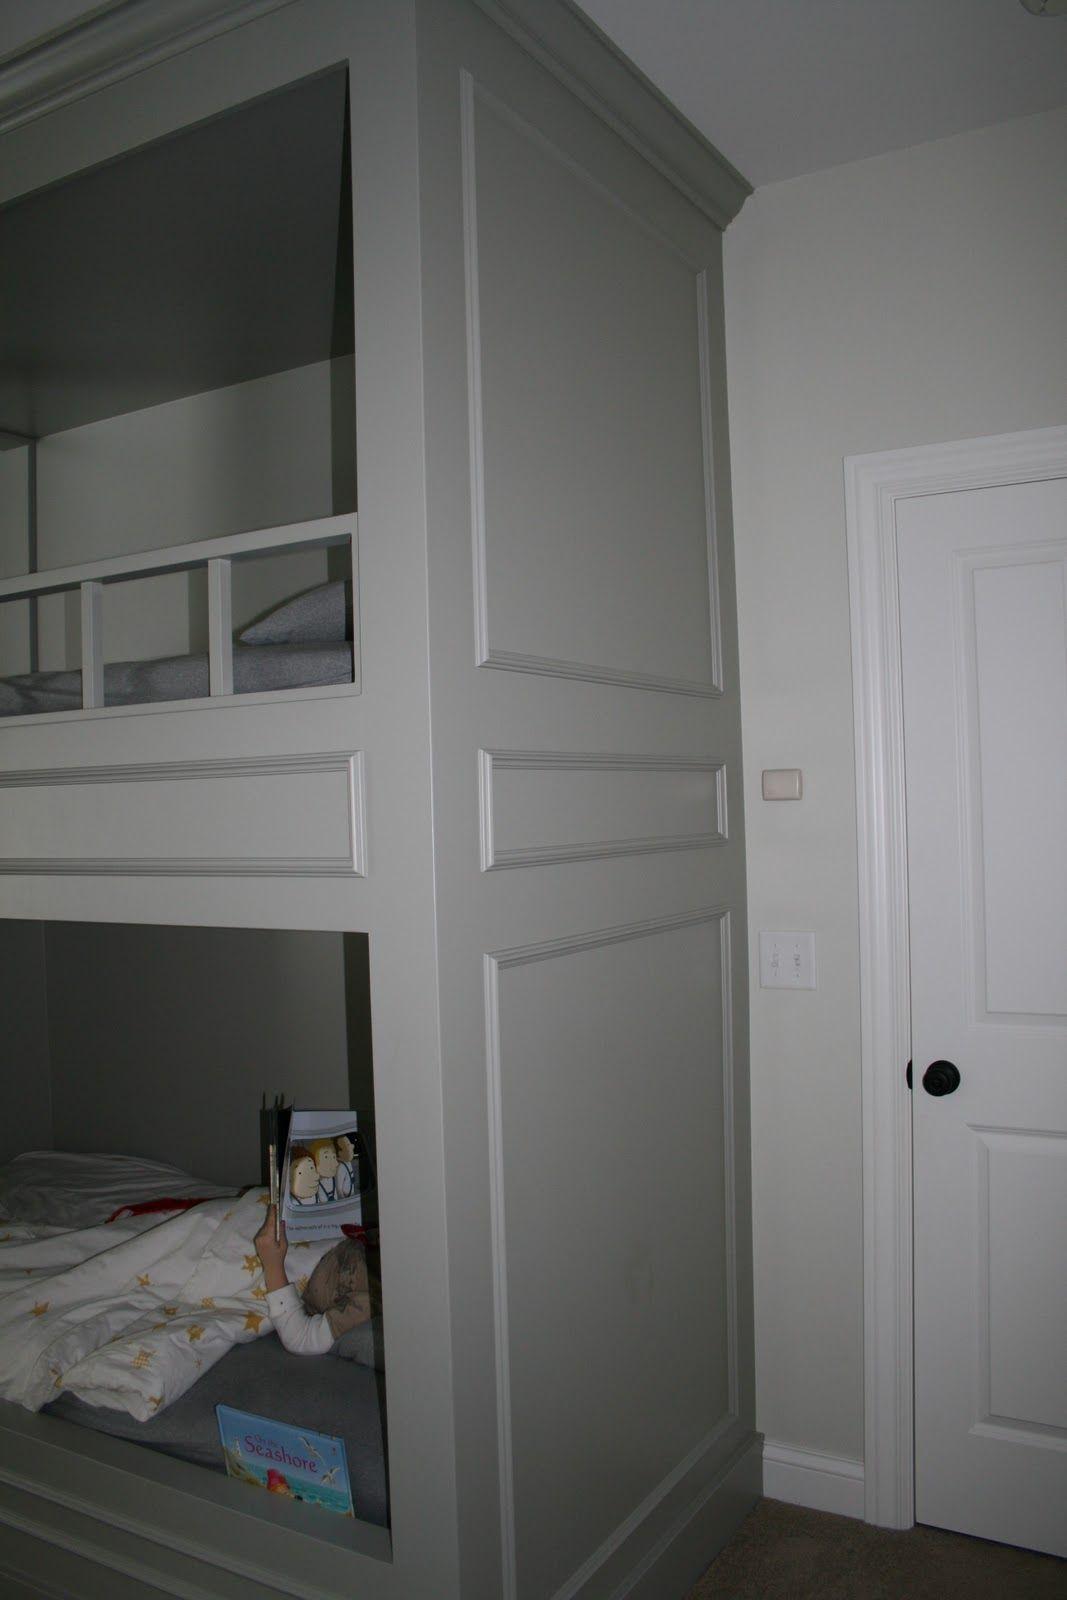 Boy S Bunk Room Bunk Room Bunk Beds Built In Bunks